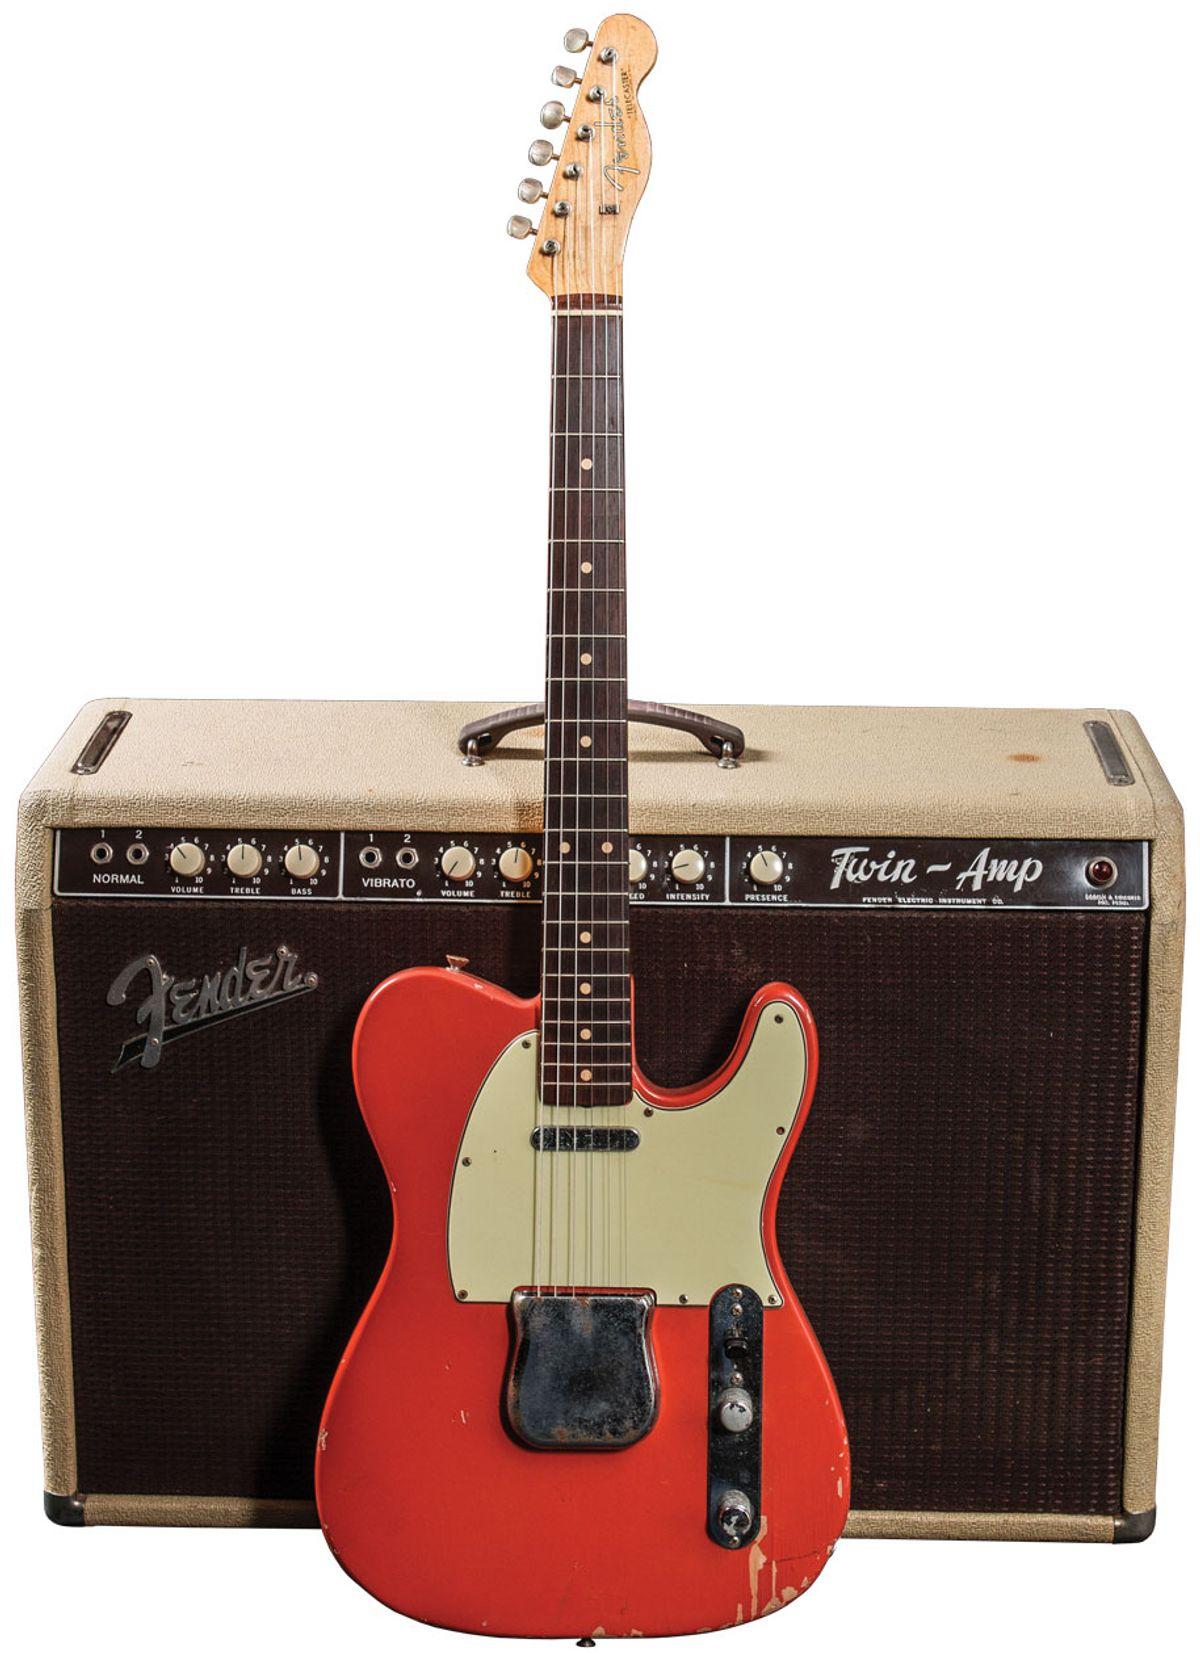 Vintage Vault: 1962 Fender Telecaster Fiesta Red